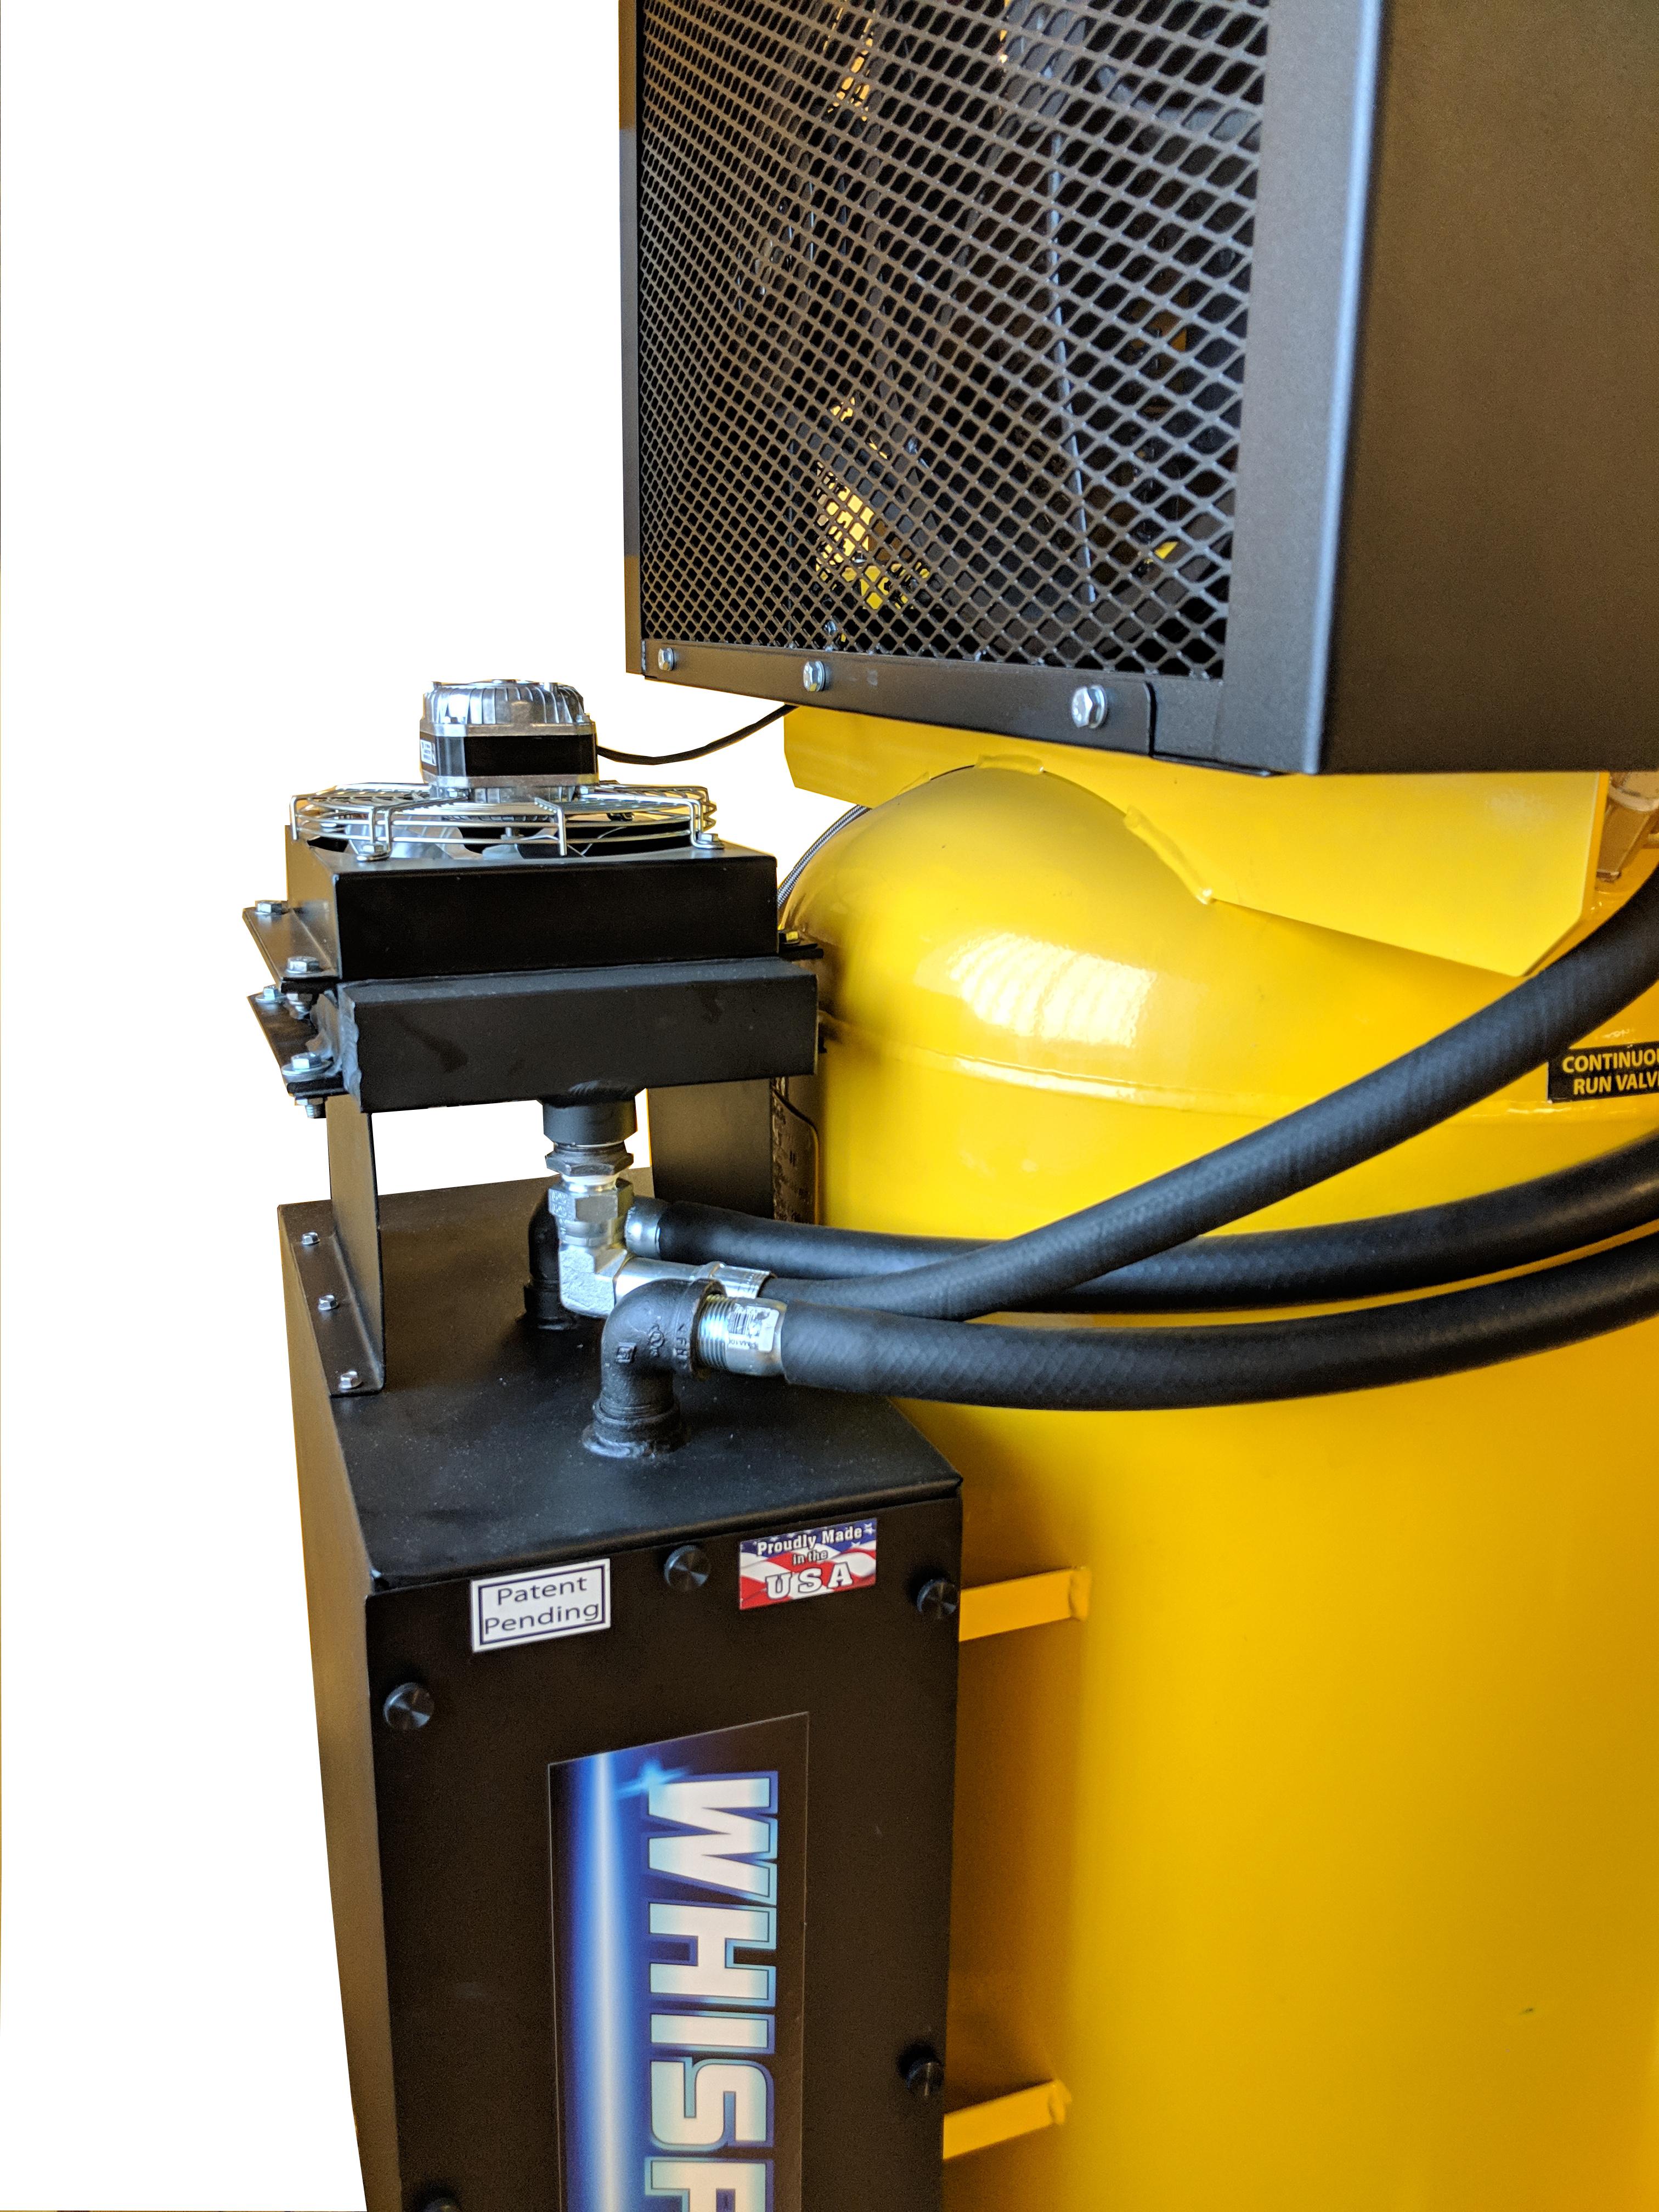 Emax Compressor 10 Hp Air Compressor 80 Gallon Three